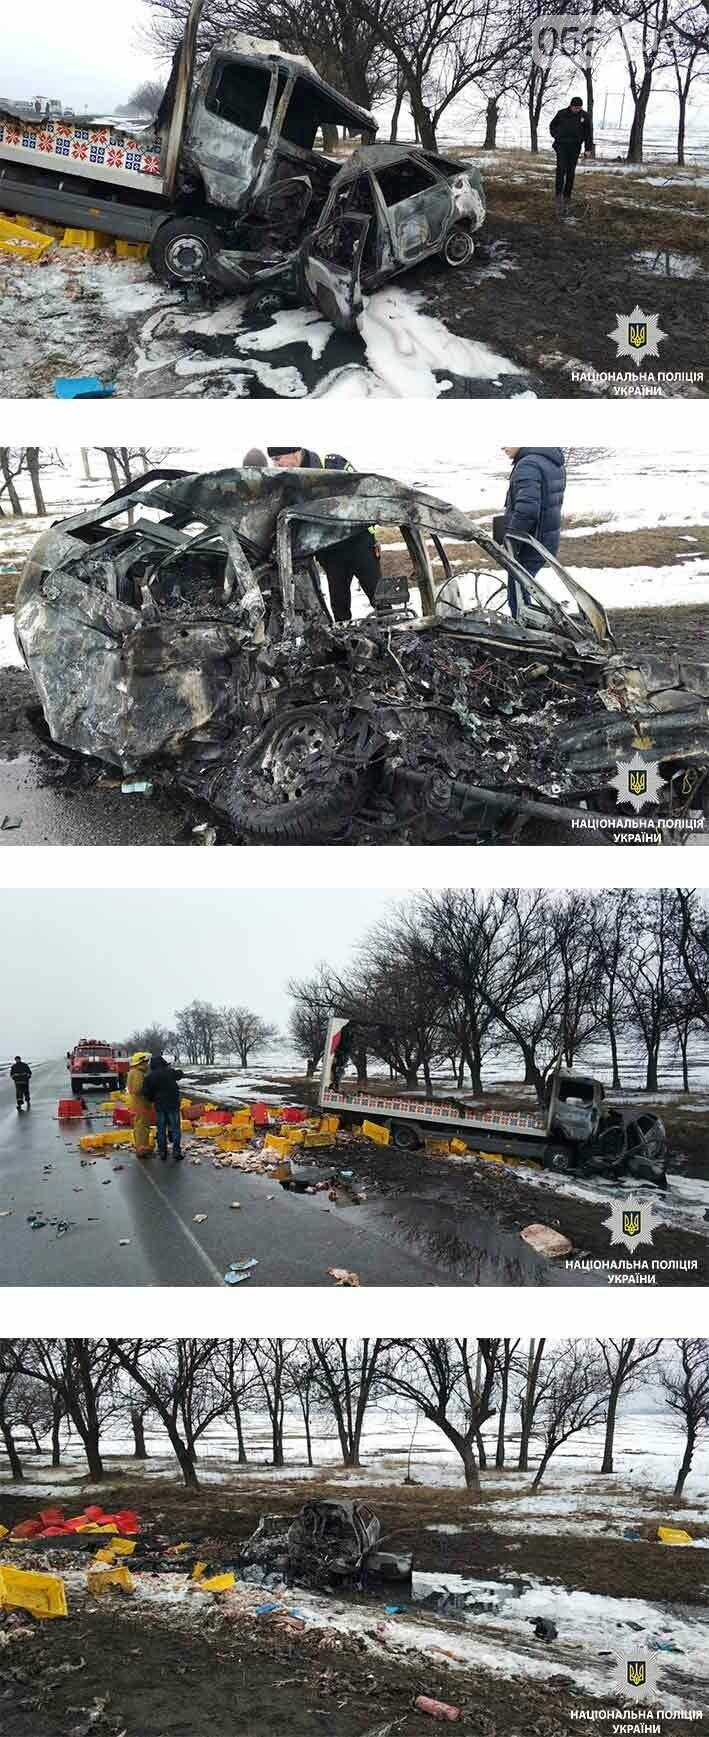 Спасатели уточнили - в страшном ДТП на Днепропетровщине погибло 4 человека, в том числе ребенок (ФОТО) (ОБНОВЛЕНО), фото-1